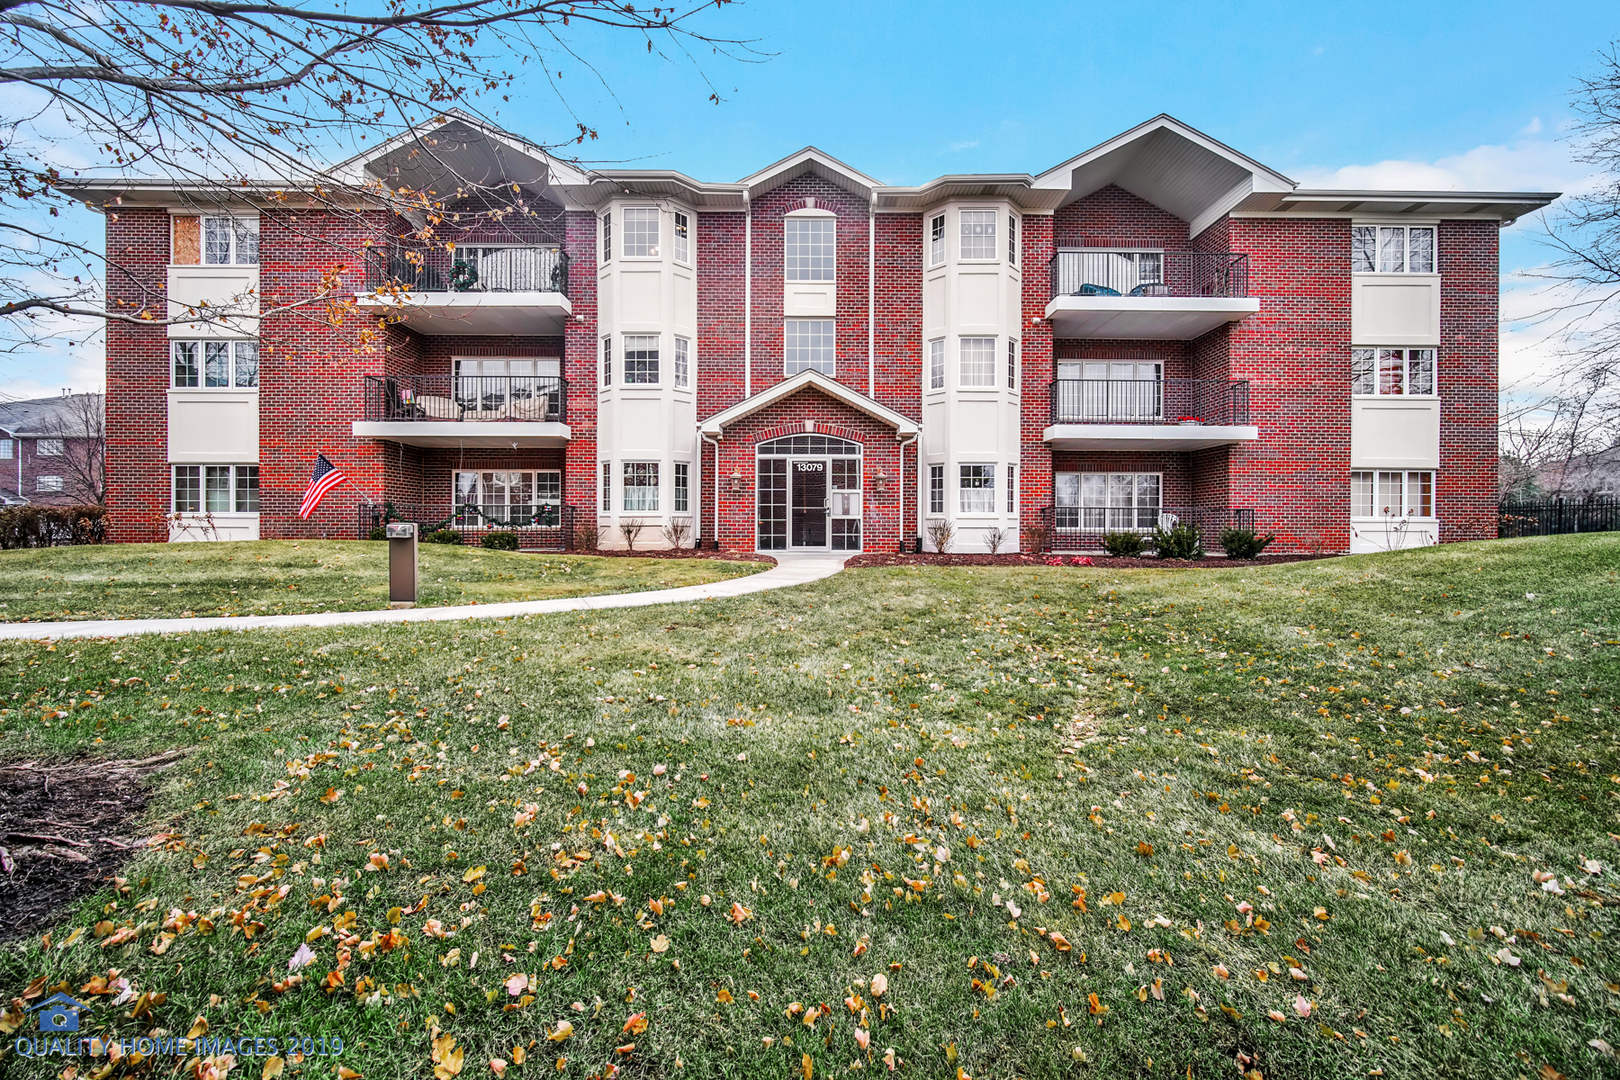 13079 Laurel Glen Court, Palos Heights, Illinois